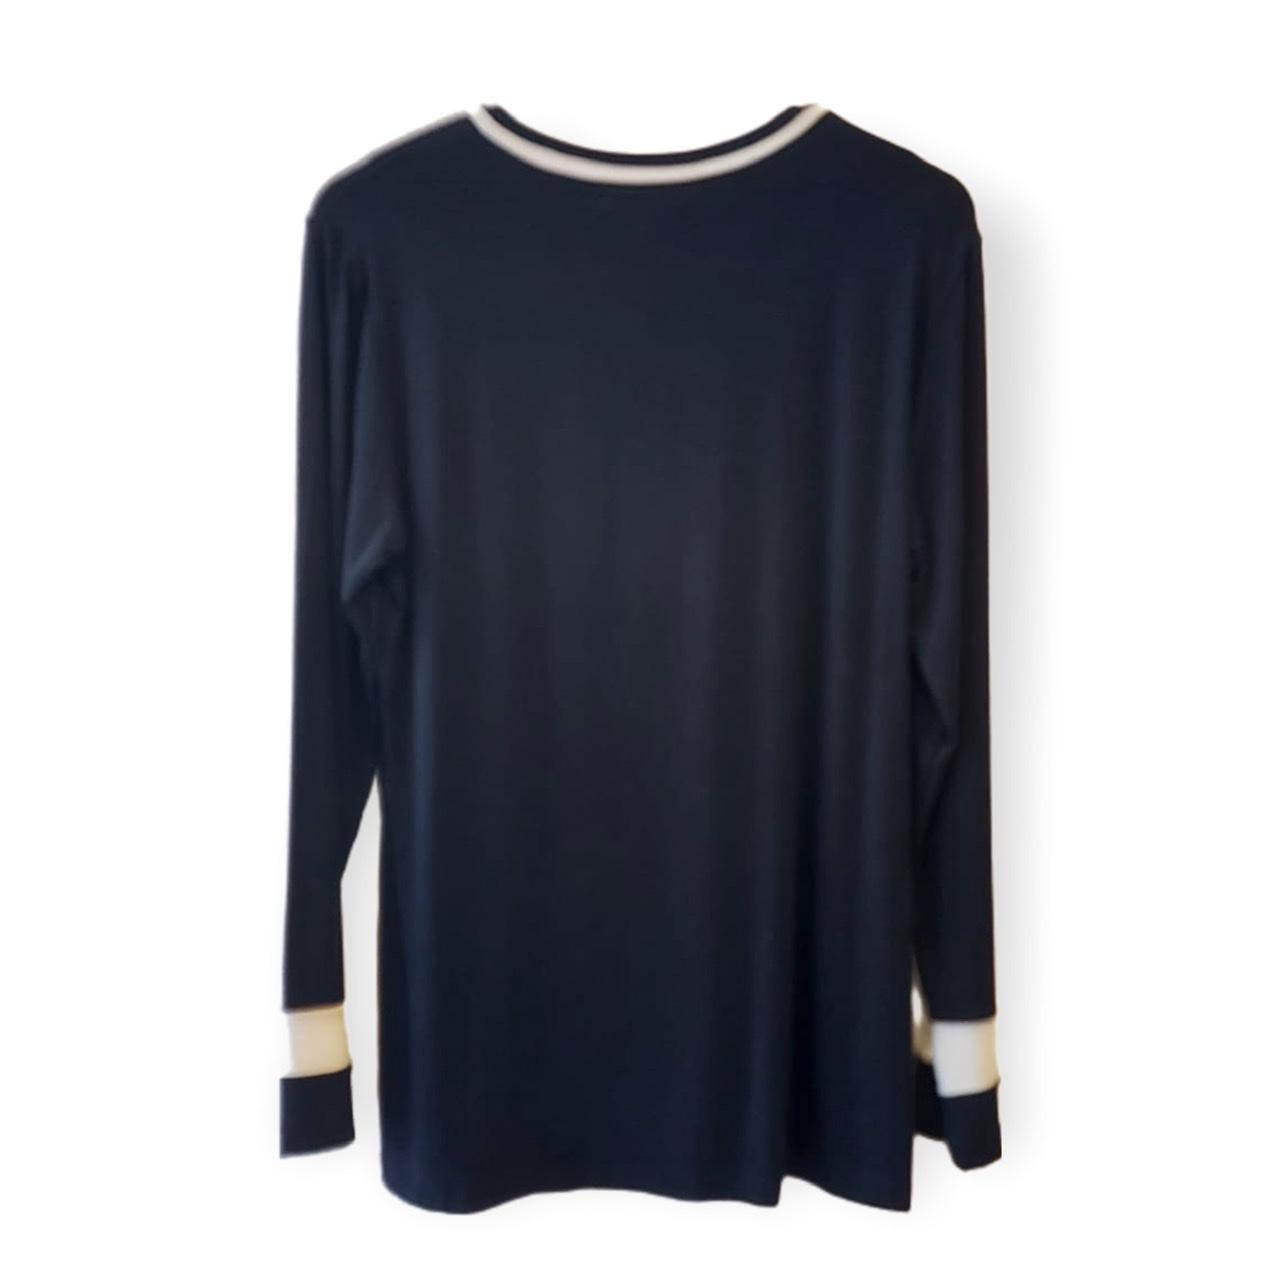 Blusa preta com friso off white no decote e manga longa